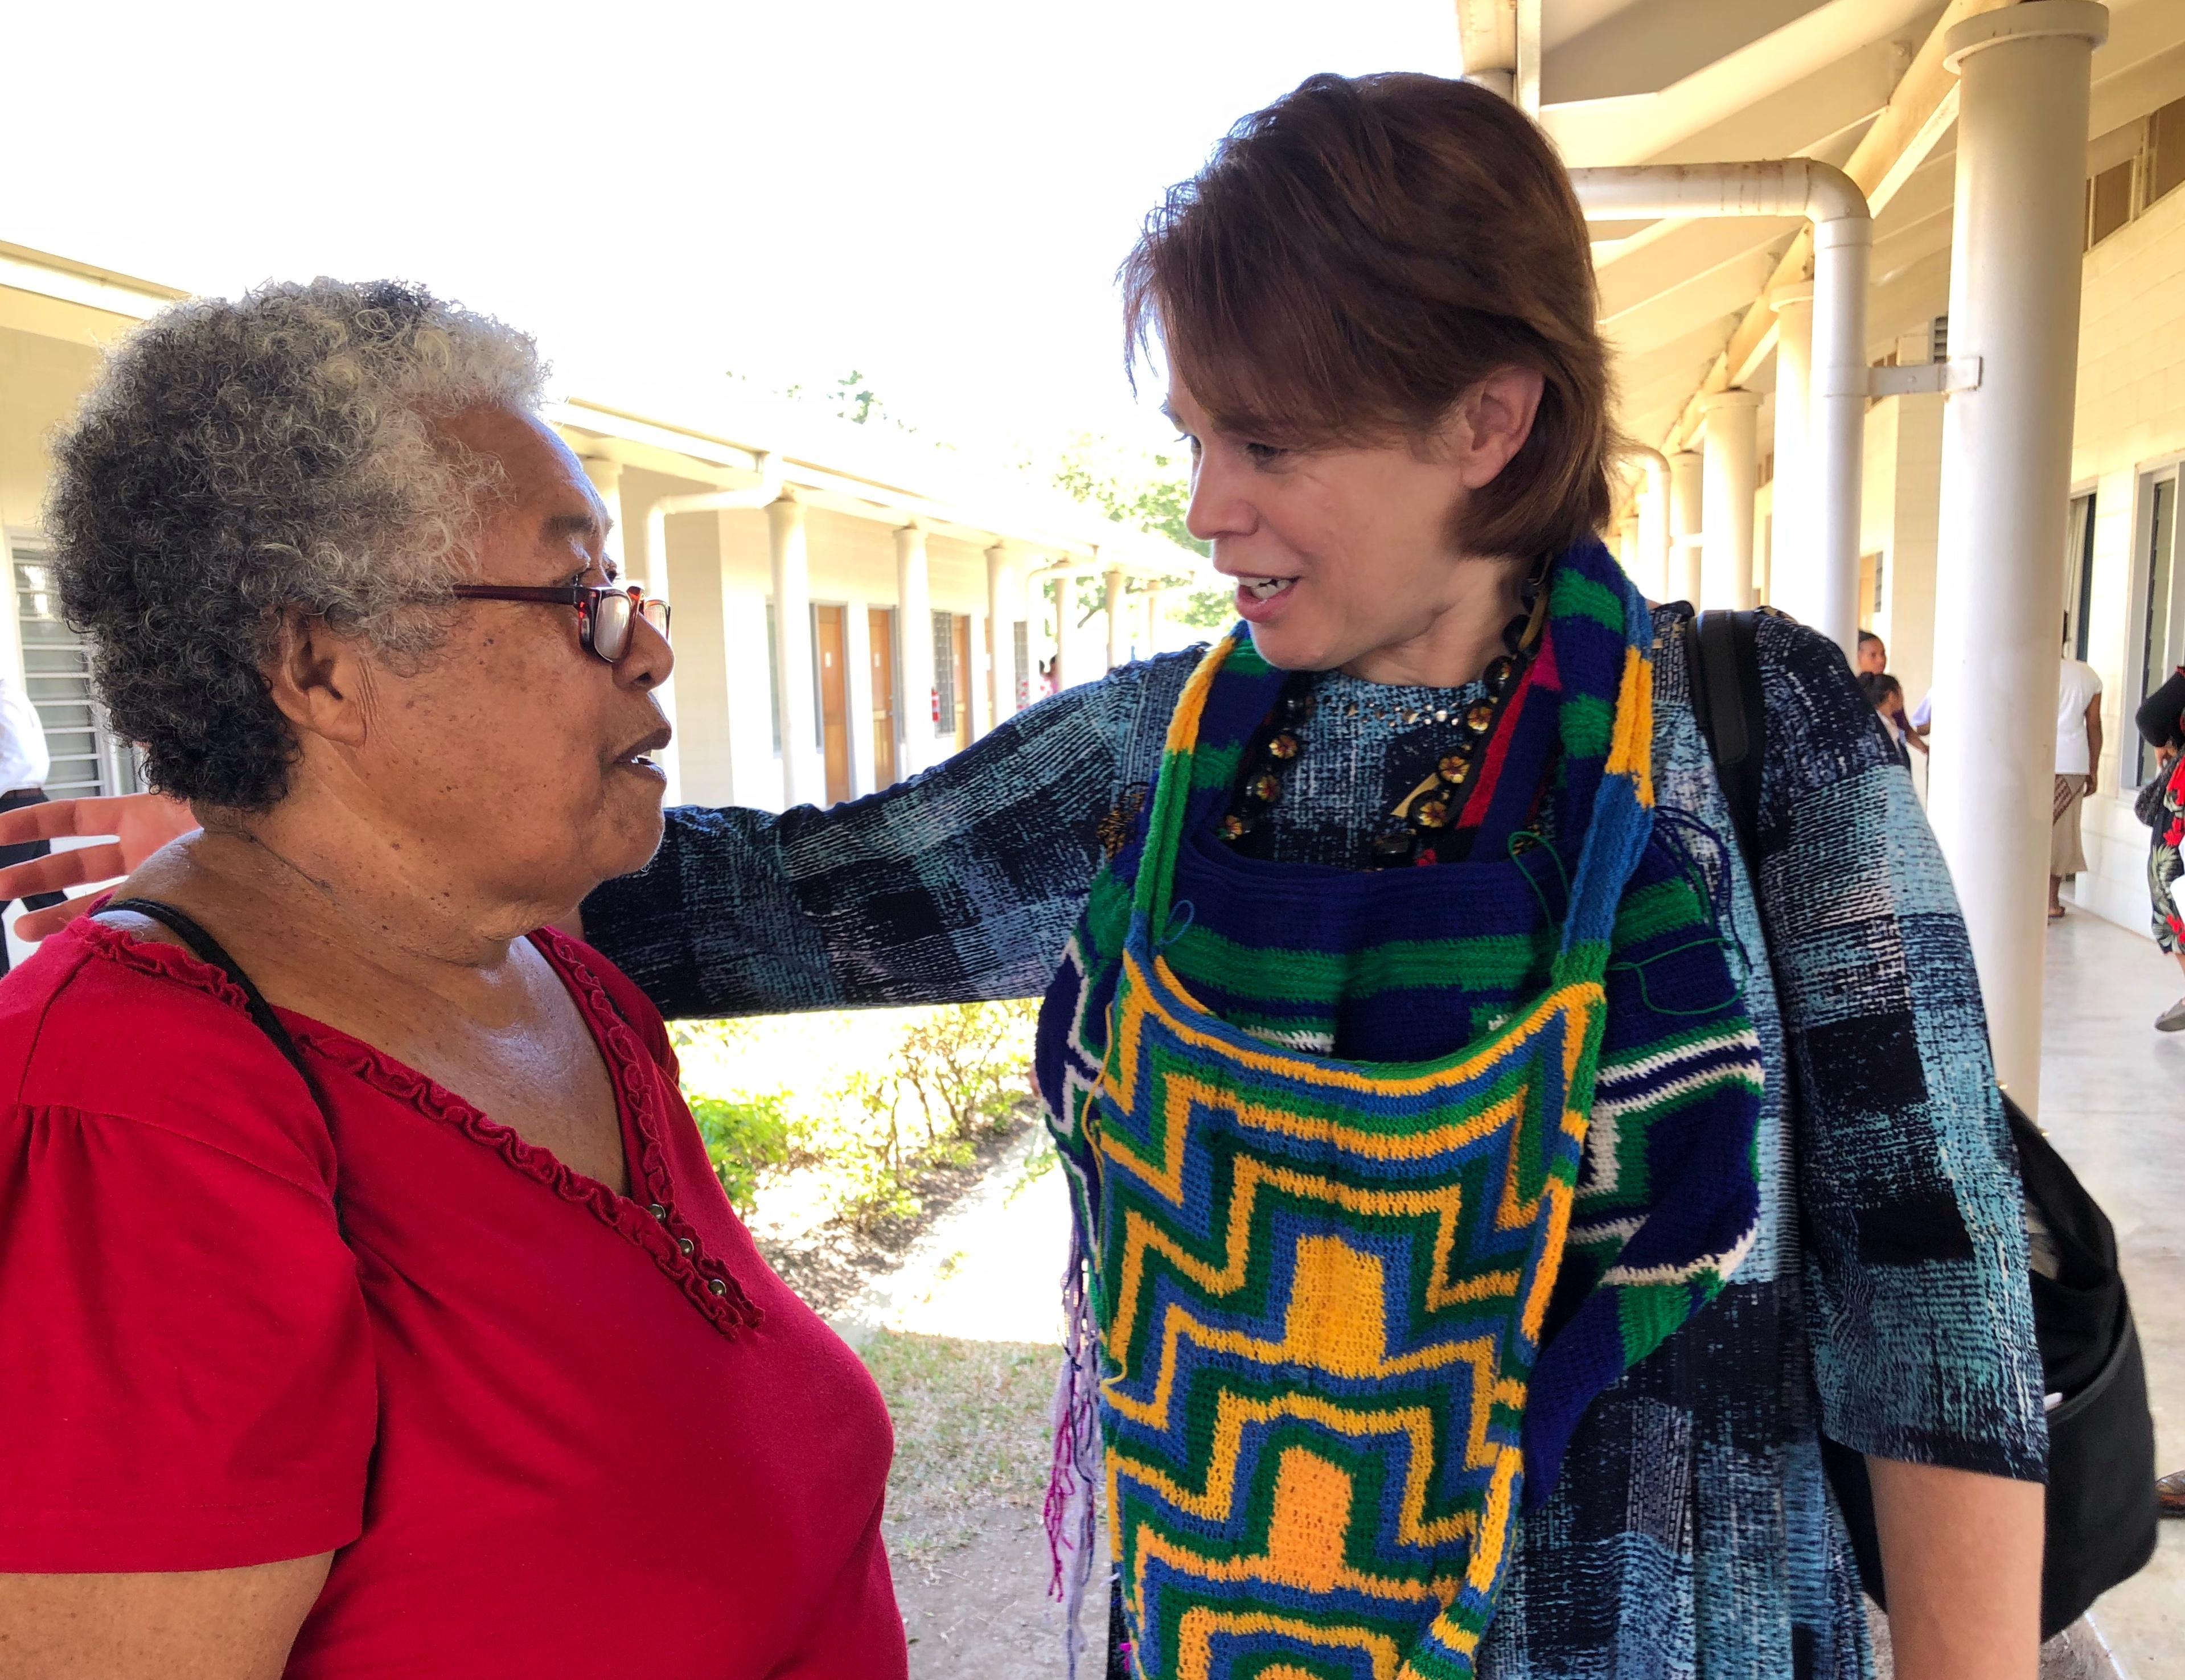 La hermana Sharon Eubank saluda a una miembro en Papúa Nueva Guinea durante una visita al Área Pacífico en octubre de 2019.